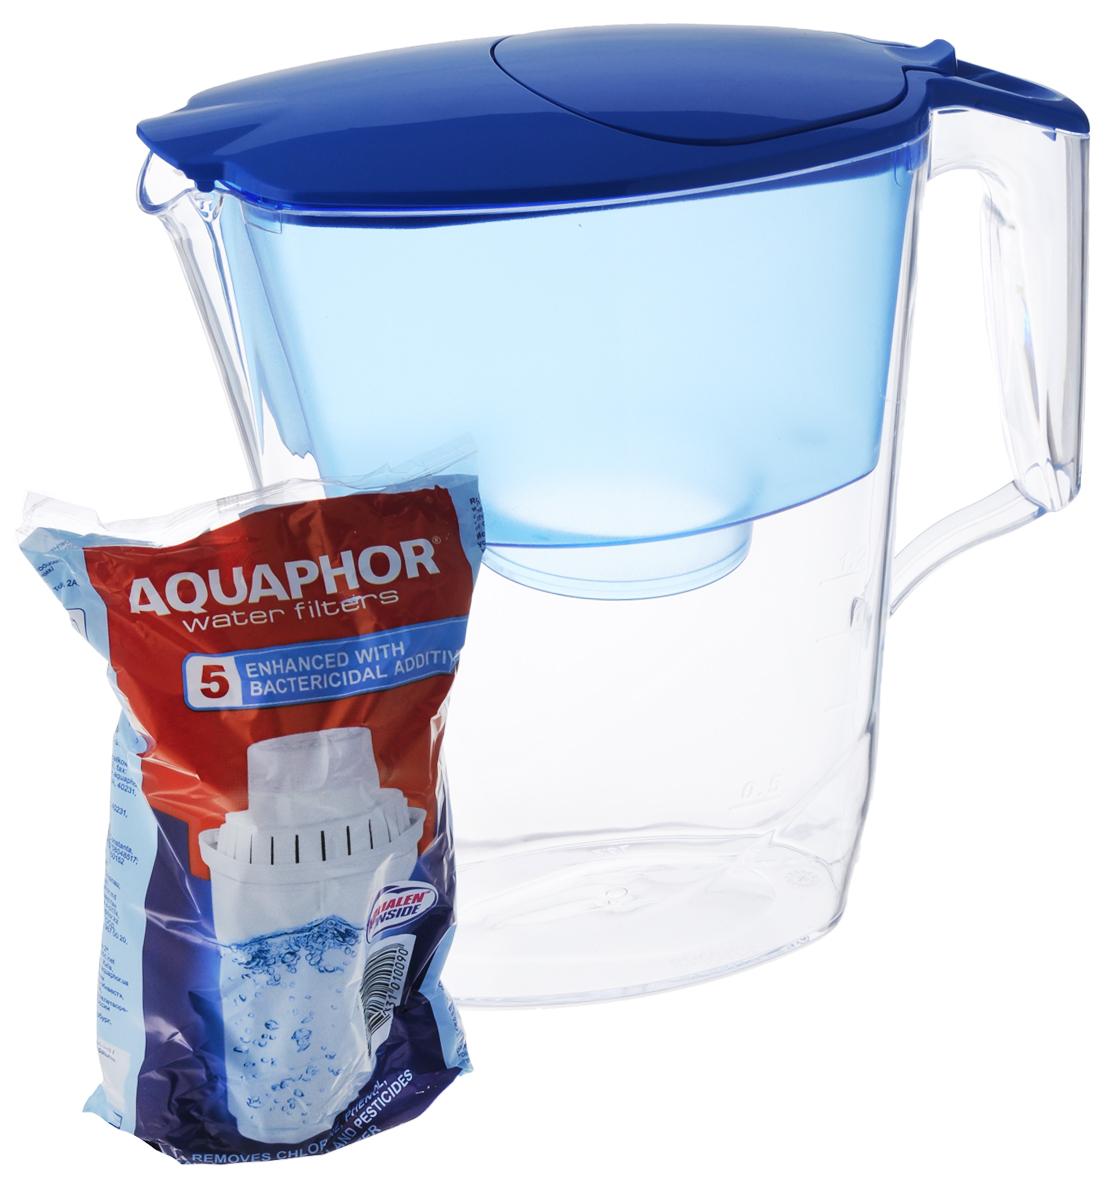 Фильтр-кувшин для воды Аквафор Ультра, цвет: прозрачный, голубой, 2,5 лВ014Р00Фильтр-кувшин Аквафор Ультра позволяет иметь под рукой довольно большое количество очищенной воды, готовой к использованию. Объем кувшина - 2,5 л, объем воронки - 1,1 л. Используется универсальный сменный фильтрующий модуль В100-5, усиленный бактерицидной добавкой. Компания Аквафор создавалась как высокотехнологическая производственная фирма, охватывающая все стадии создания продукции от научных и конструкторских разработок до изготовления конечной продукции. Основное правило Аквафор - стабильно высокое качество продукции и высокие технологии, поэтому техническое обновление производства происходит каждые 3-4 года, для чего покупаются новые модели машин и аппаратов. Собственное производство уникальных сорбентов и постоянный контроль на всех этапах производства позволяют Аквафору выпускать высококачественный продукт, известность которого на рынке быстро растет. Материал: пластик. Общий размер фильтр-кувшина: 25 х 10...